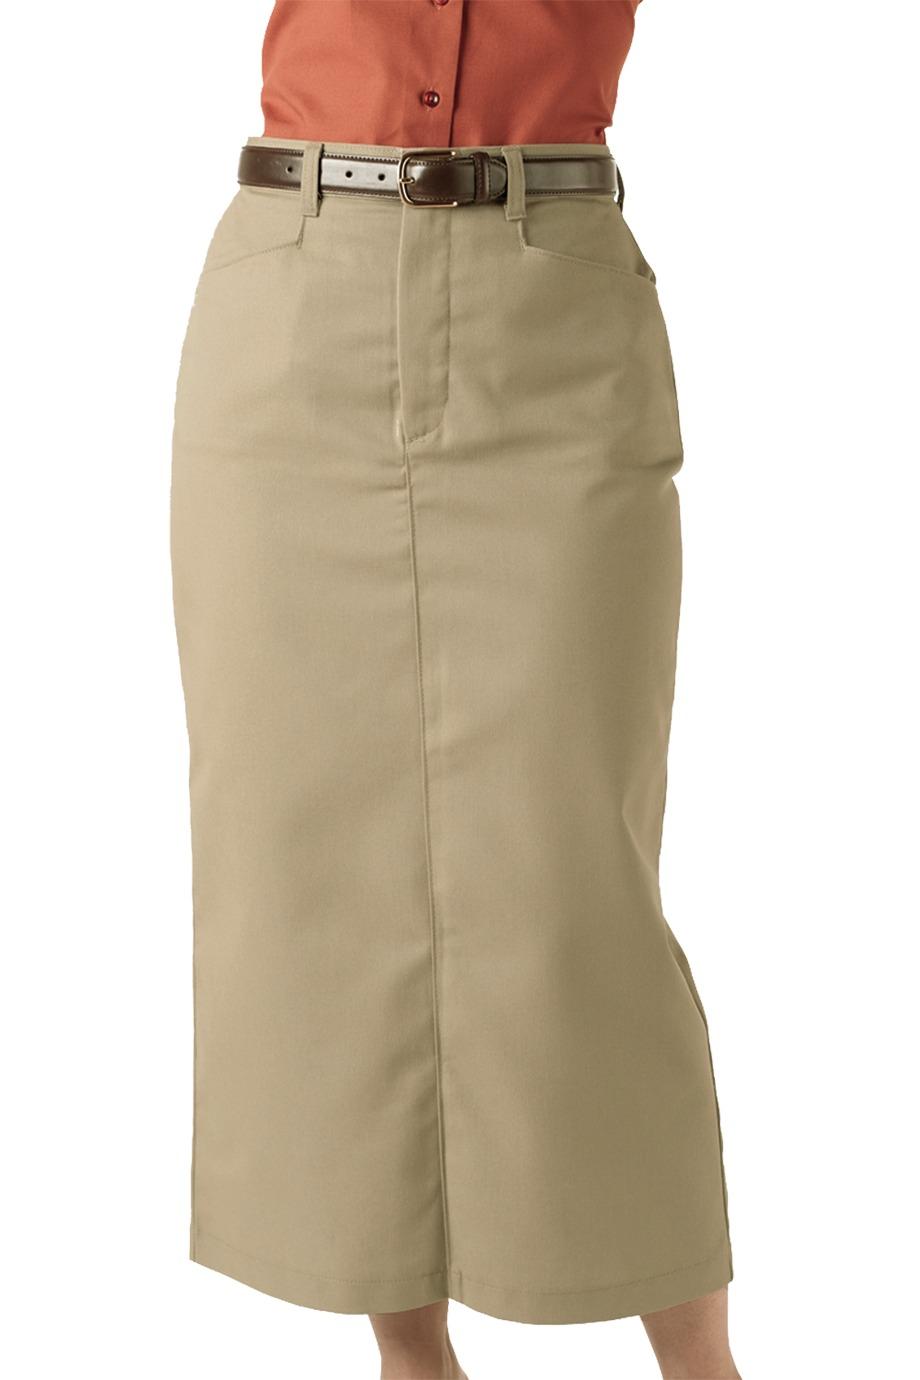 Edwards Garment 9779 - Women's Chino Skirt